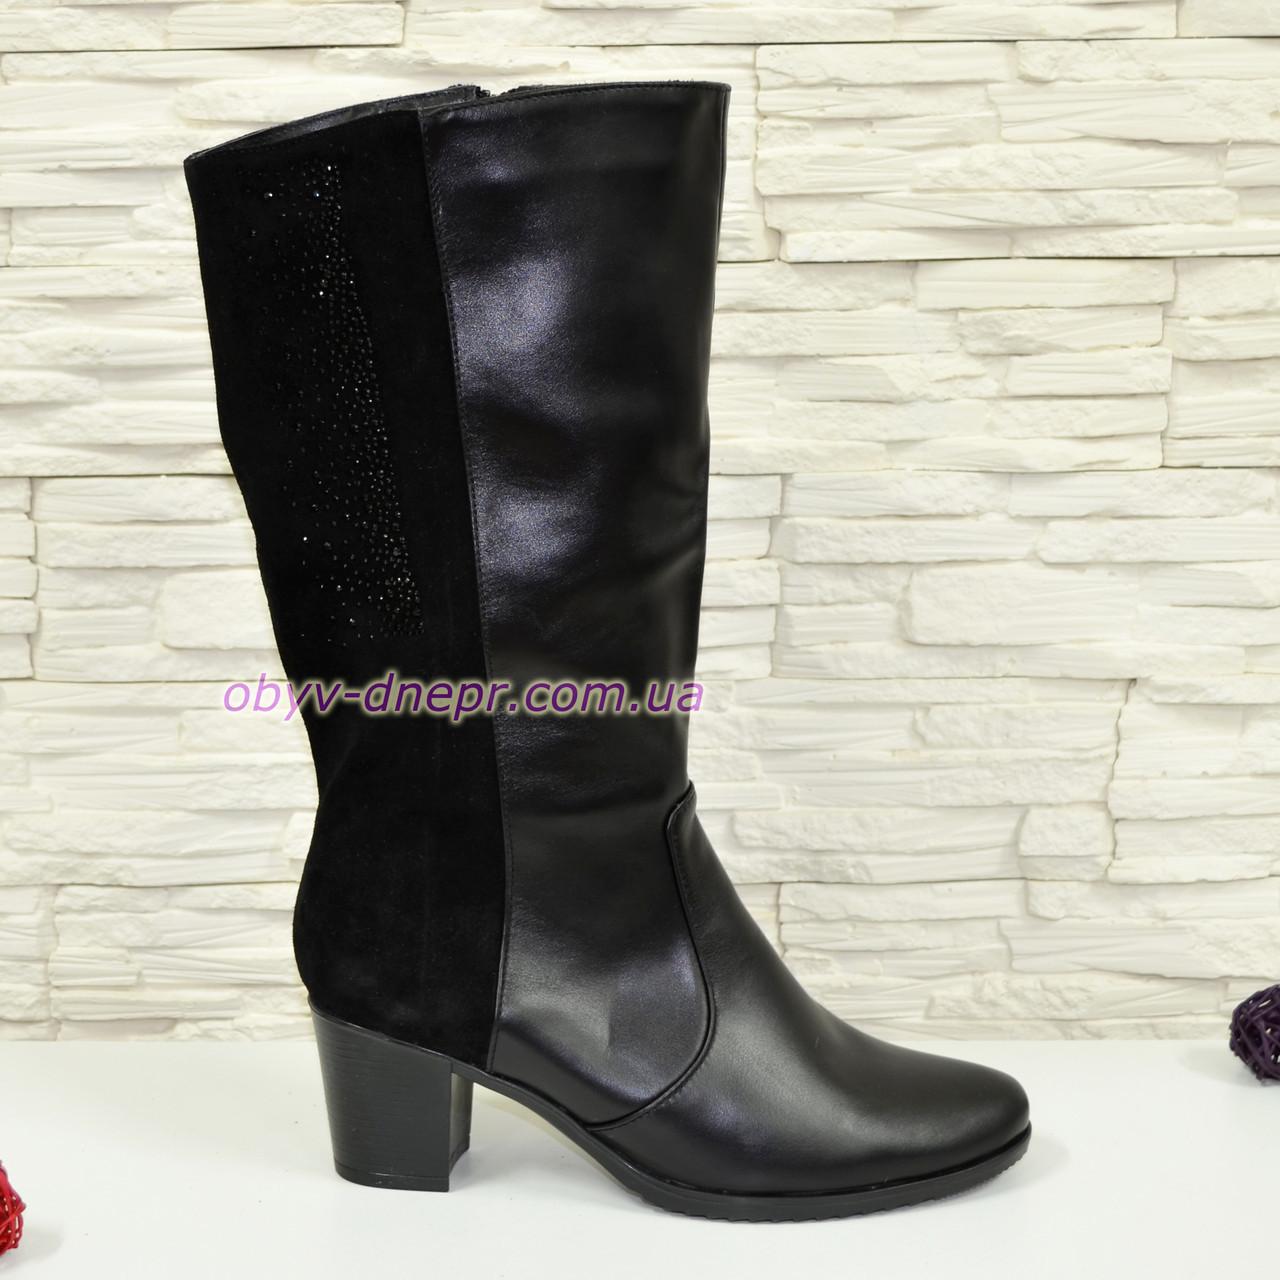 Сапоги кожаные с замшевой вставкой демисезонные. 40 размер, голень 51 см